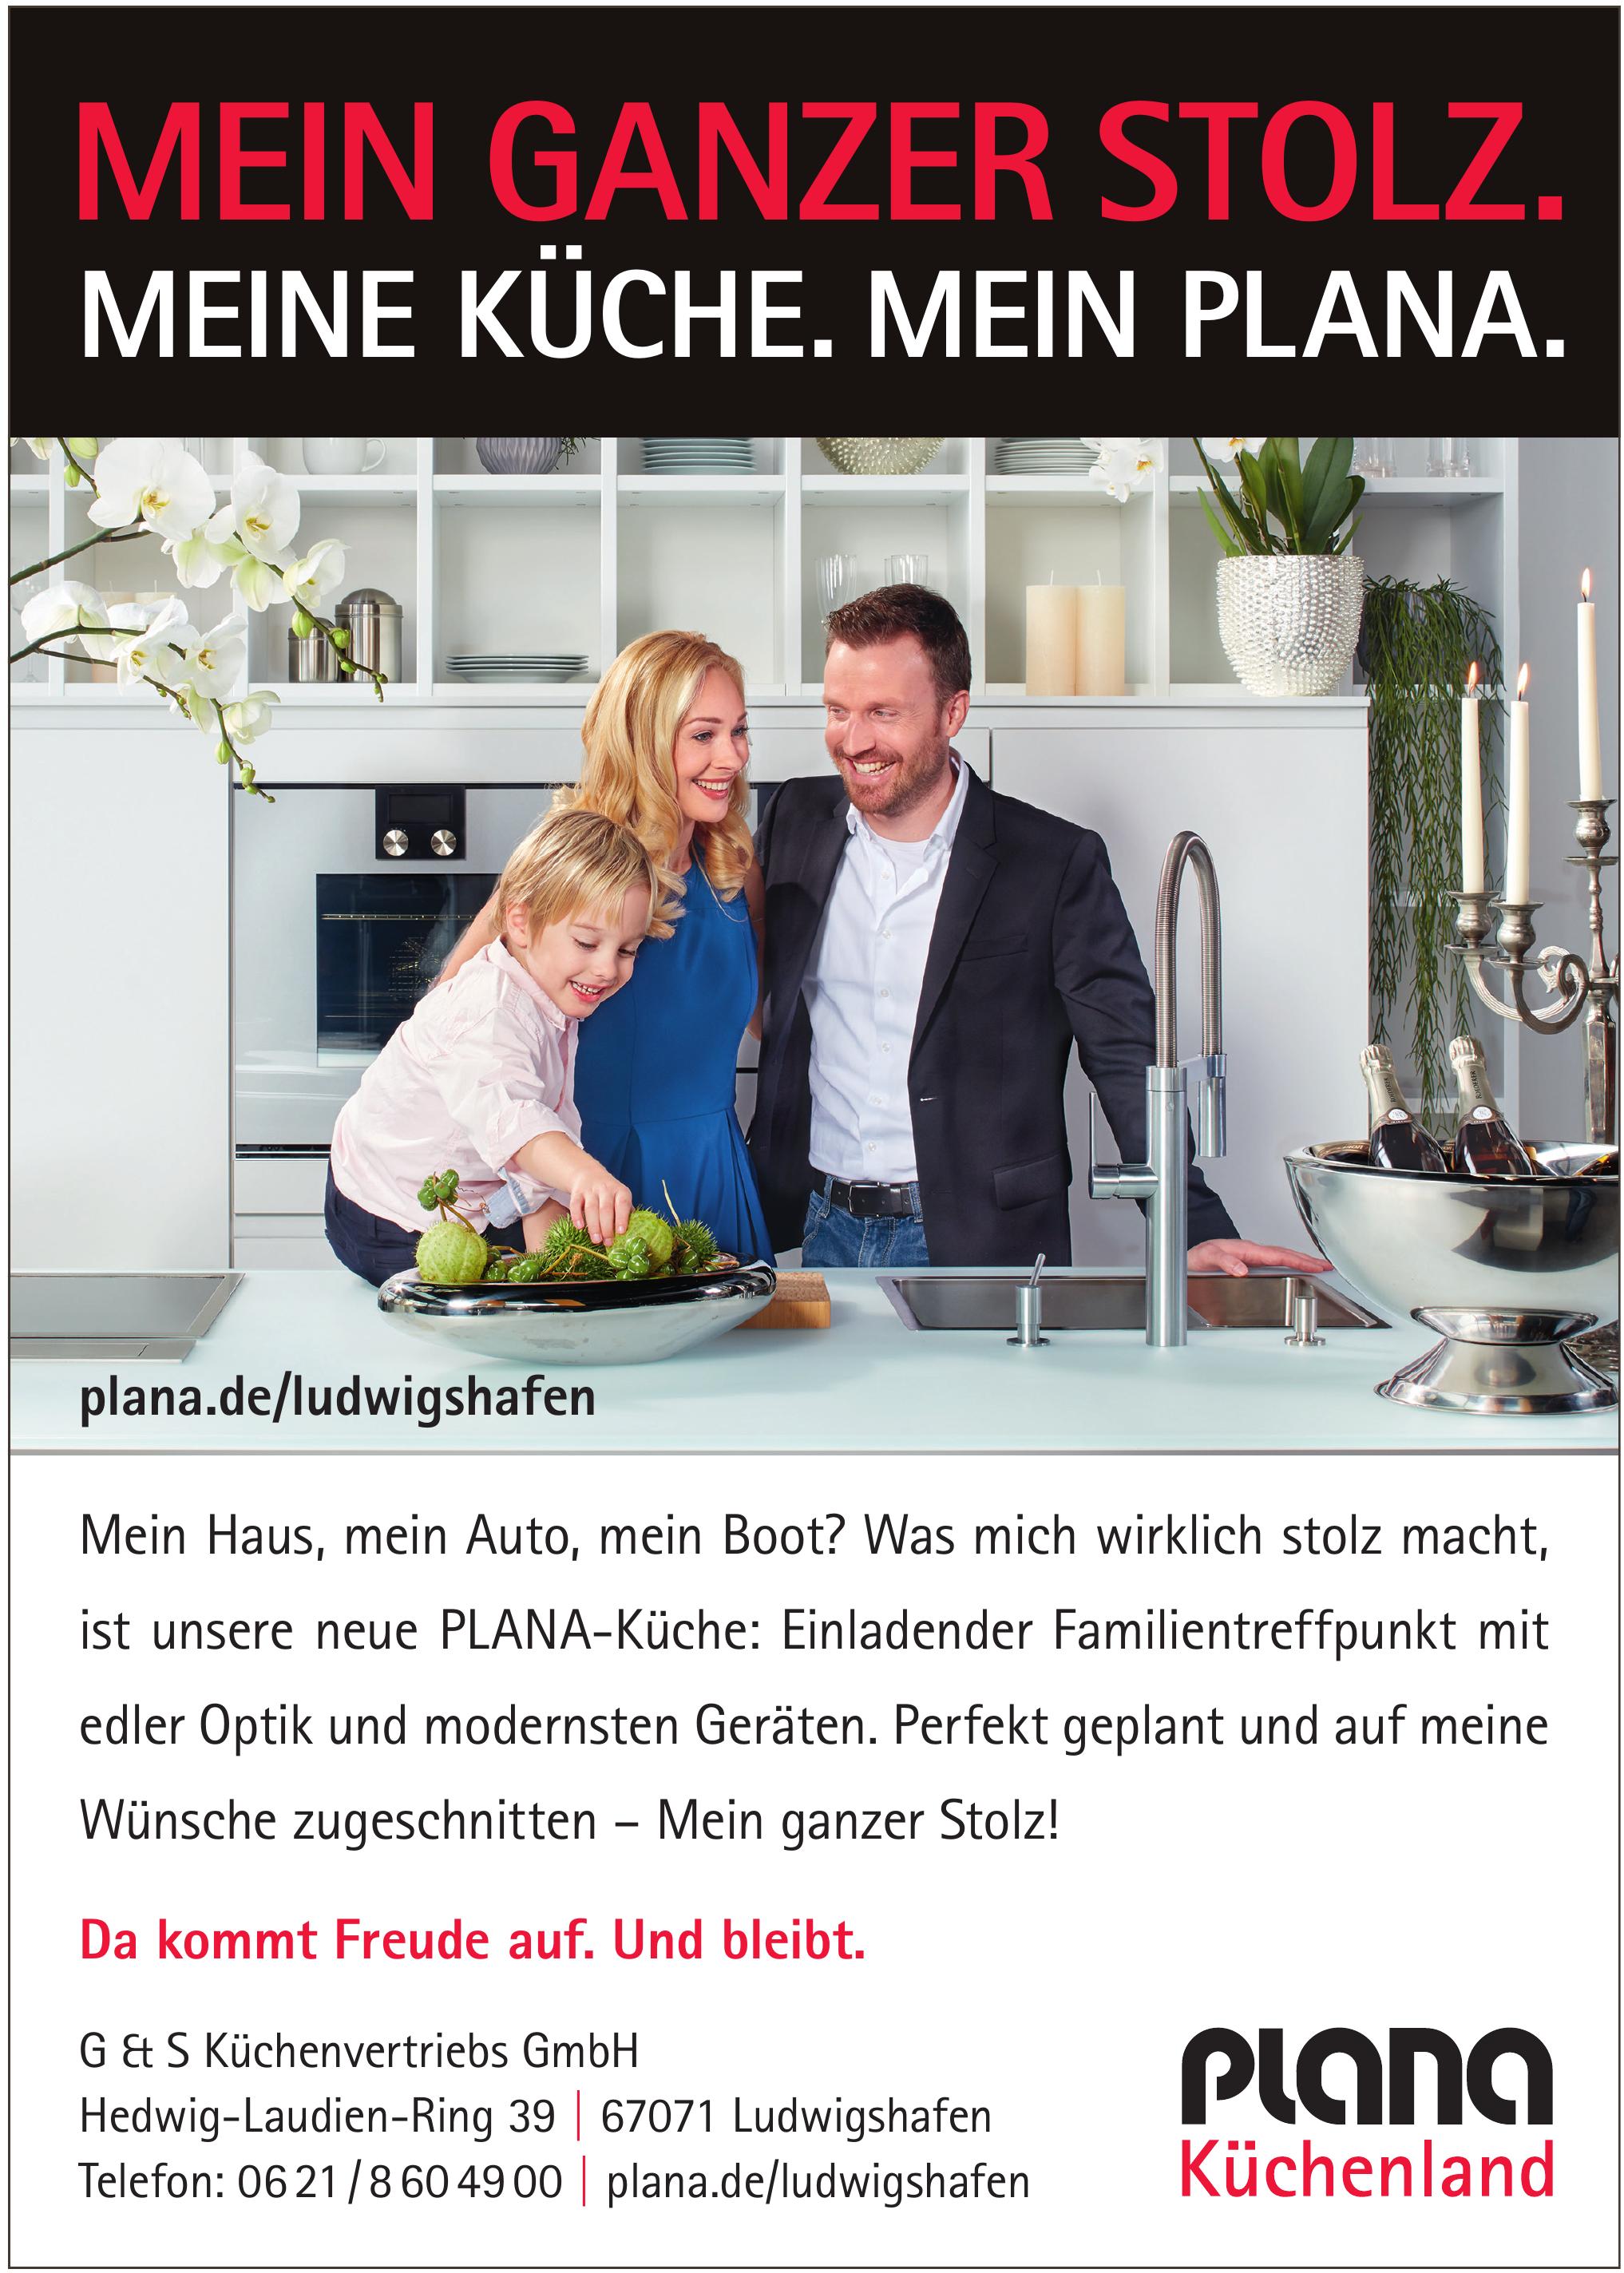 G & S Küchenvertriebs GmbH